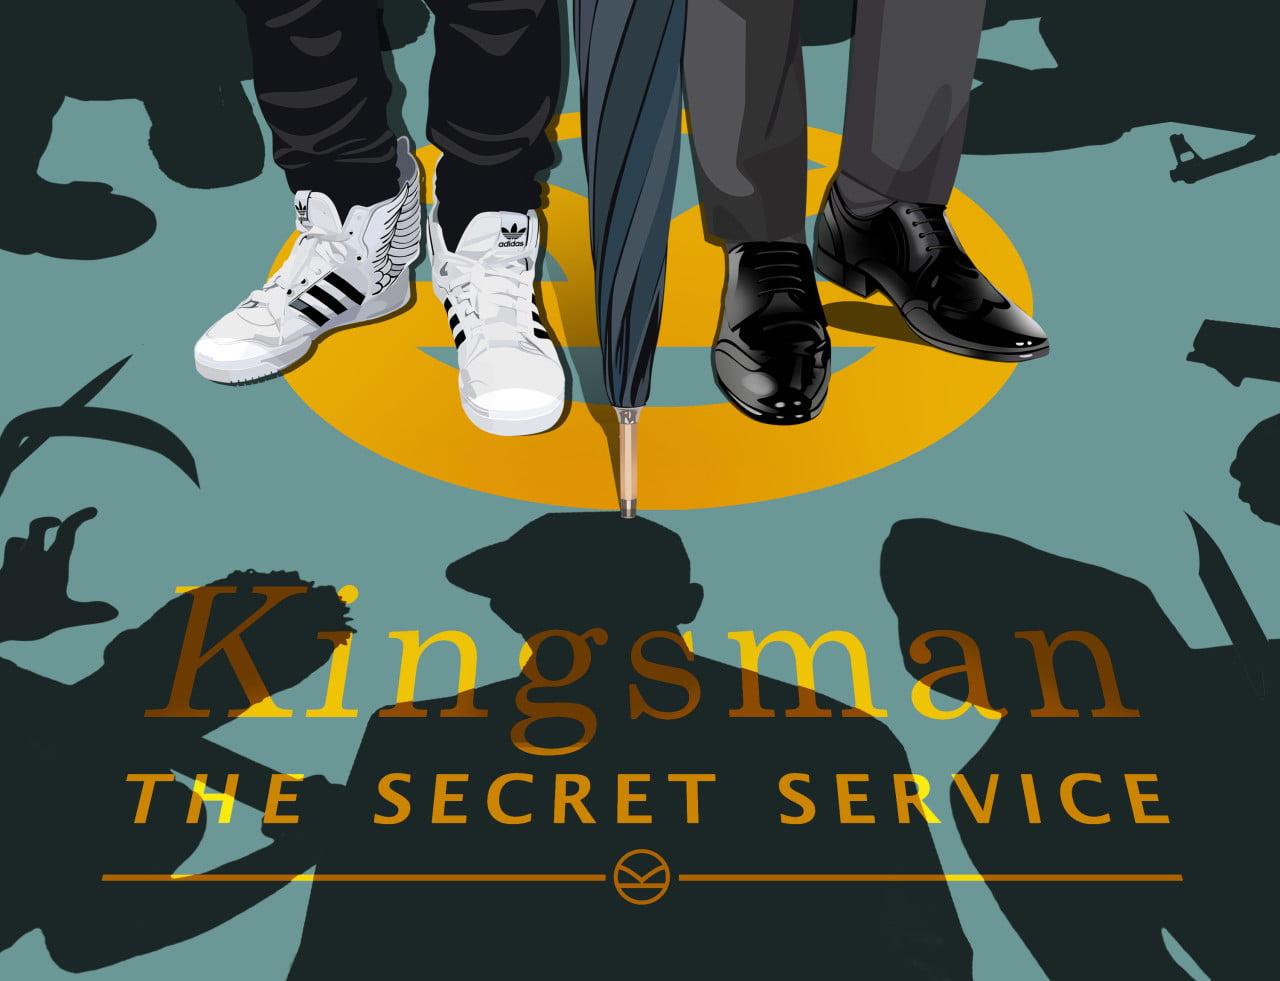 Kingsman Секретная служба Сценарий